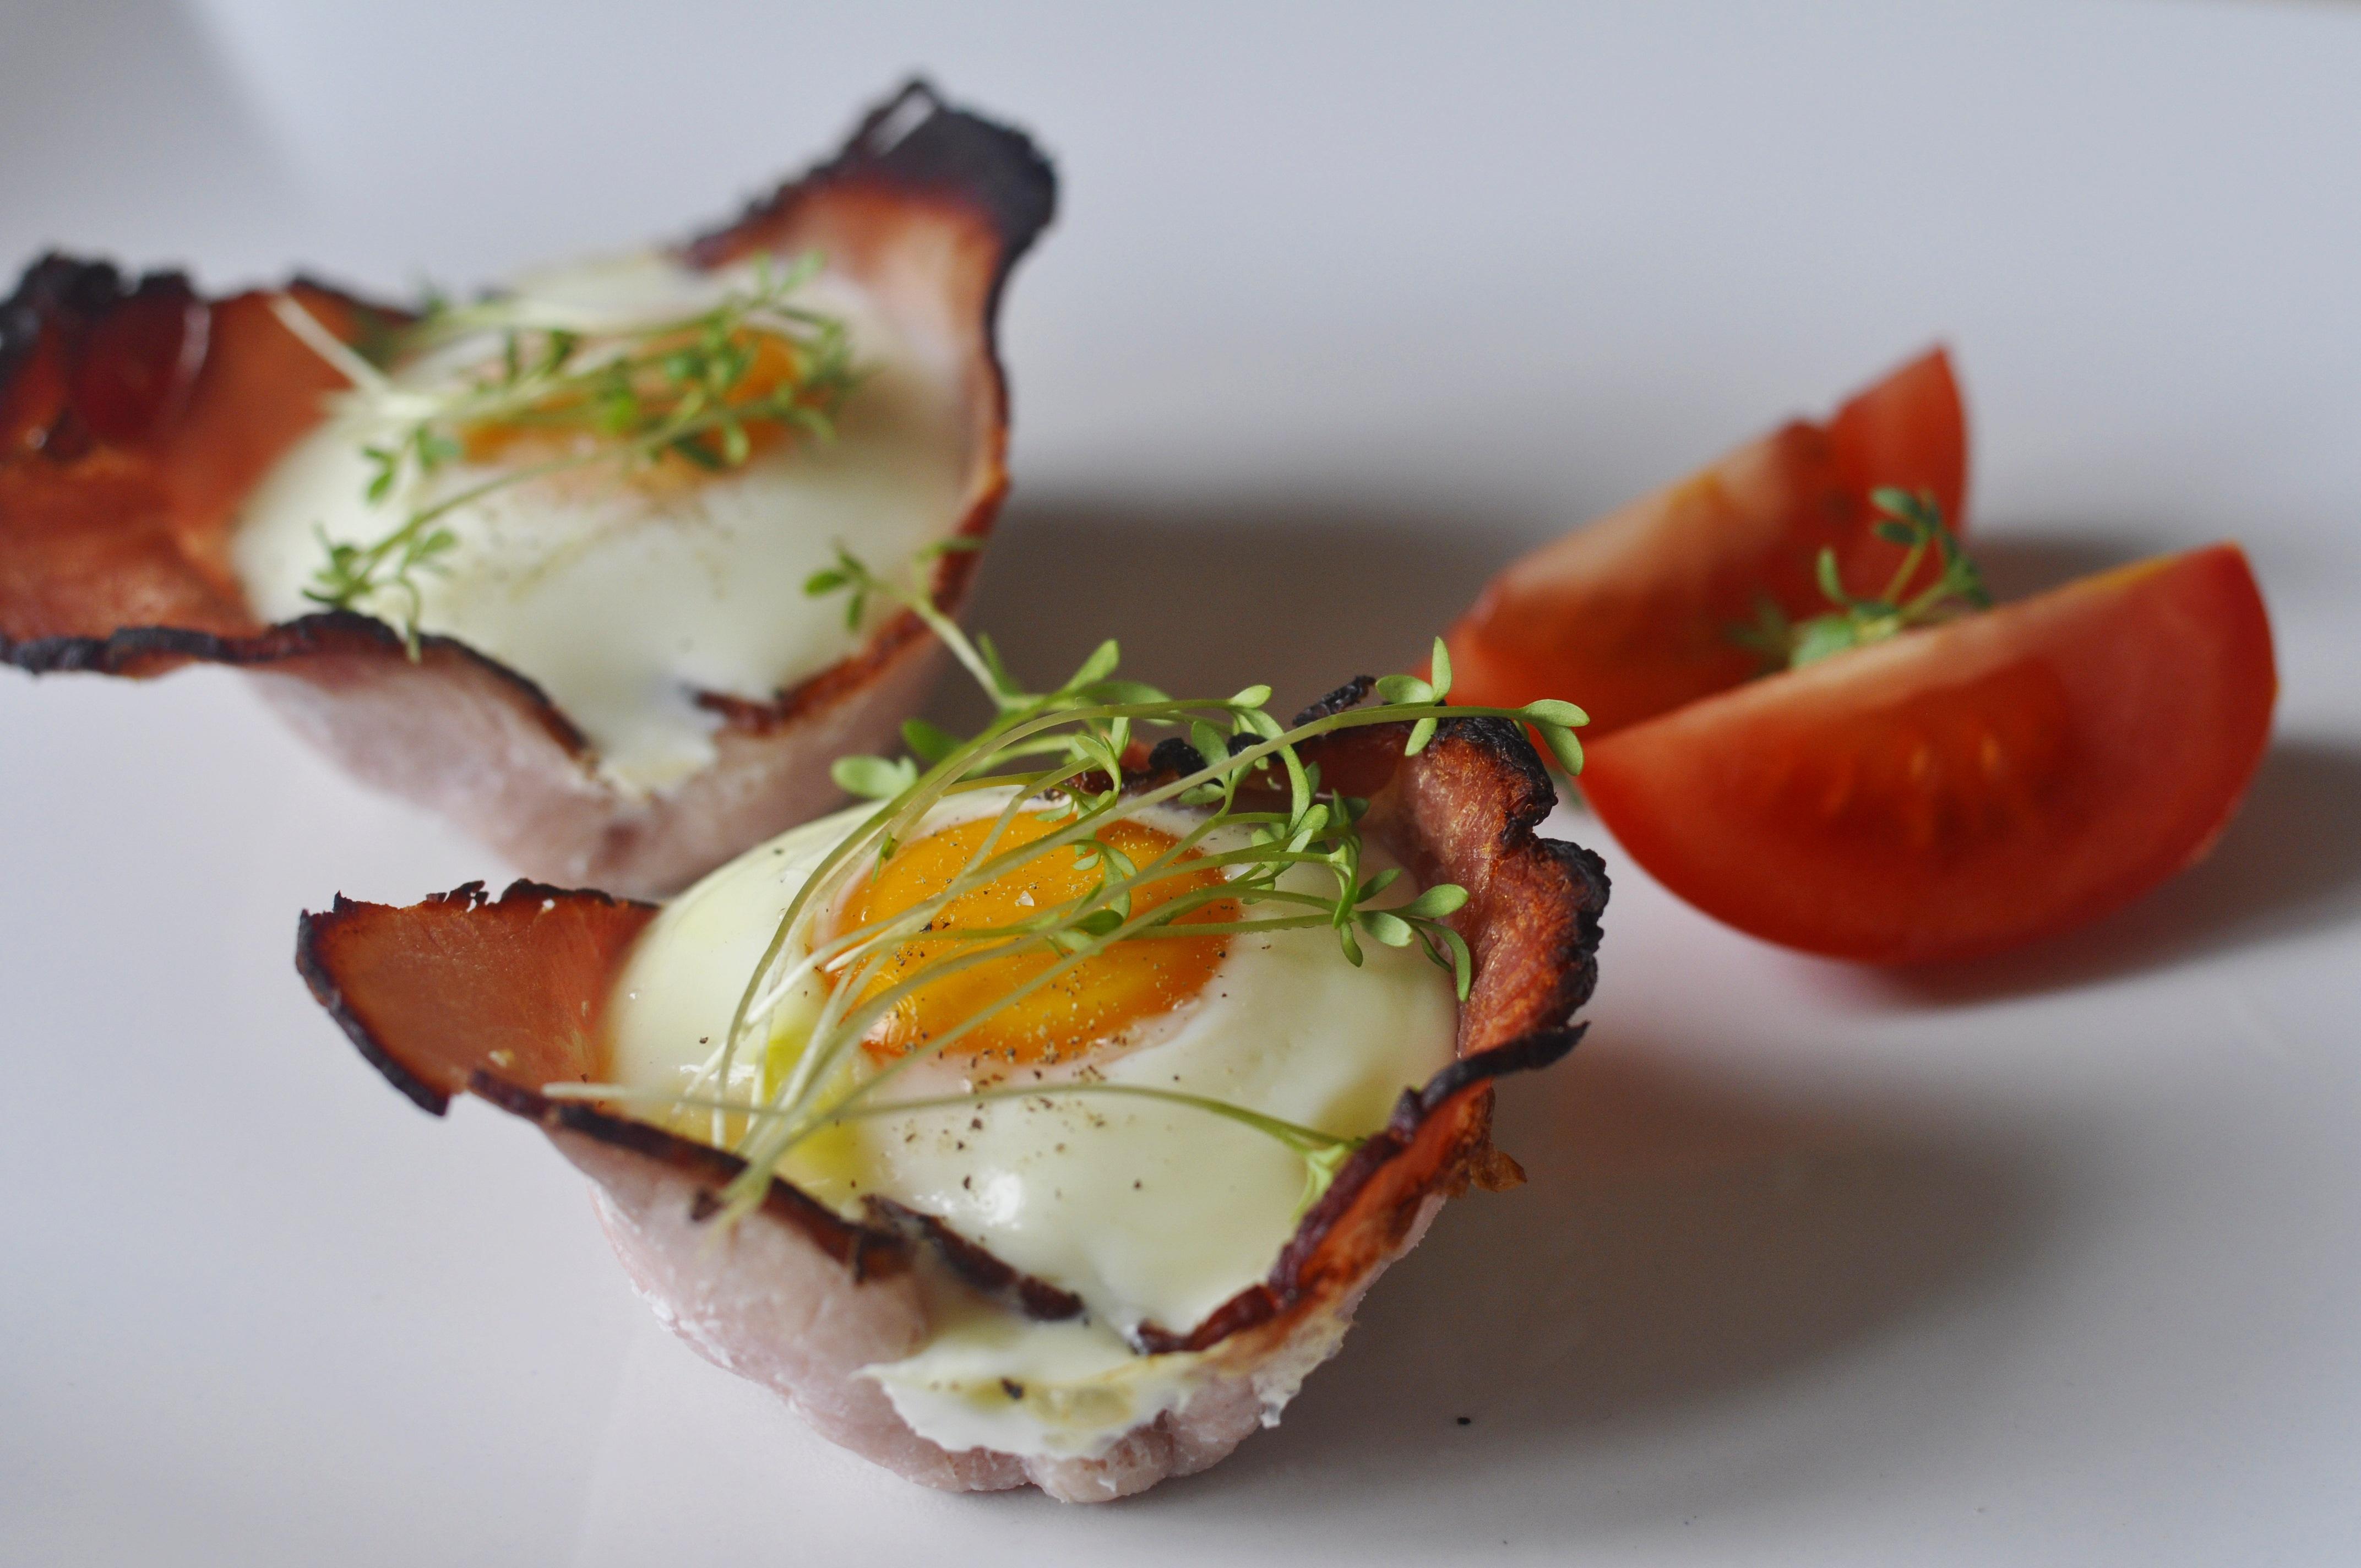 Pieczone Jajka Na Szynce Pomysł Na Pyszne śniadanie Mam